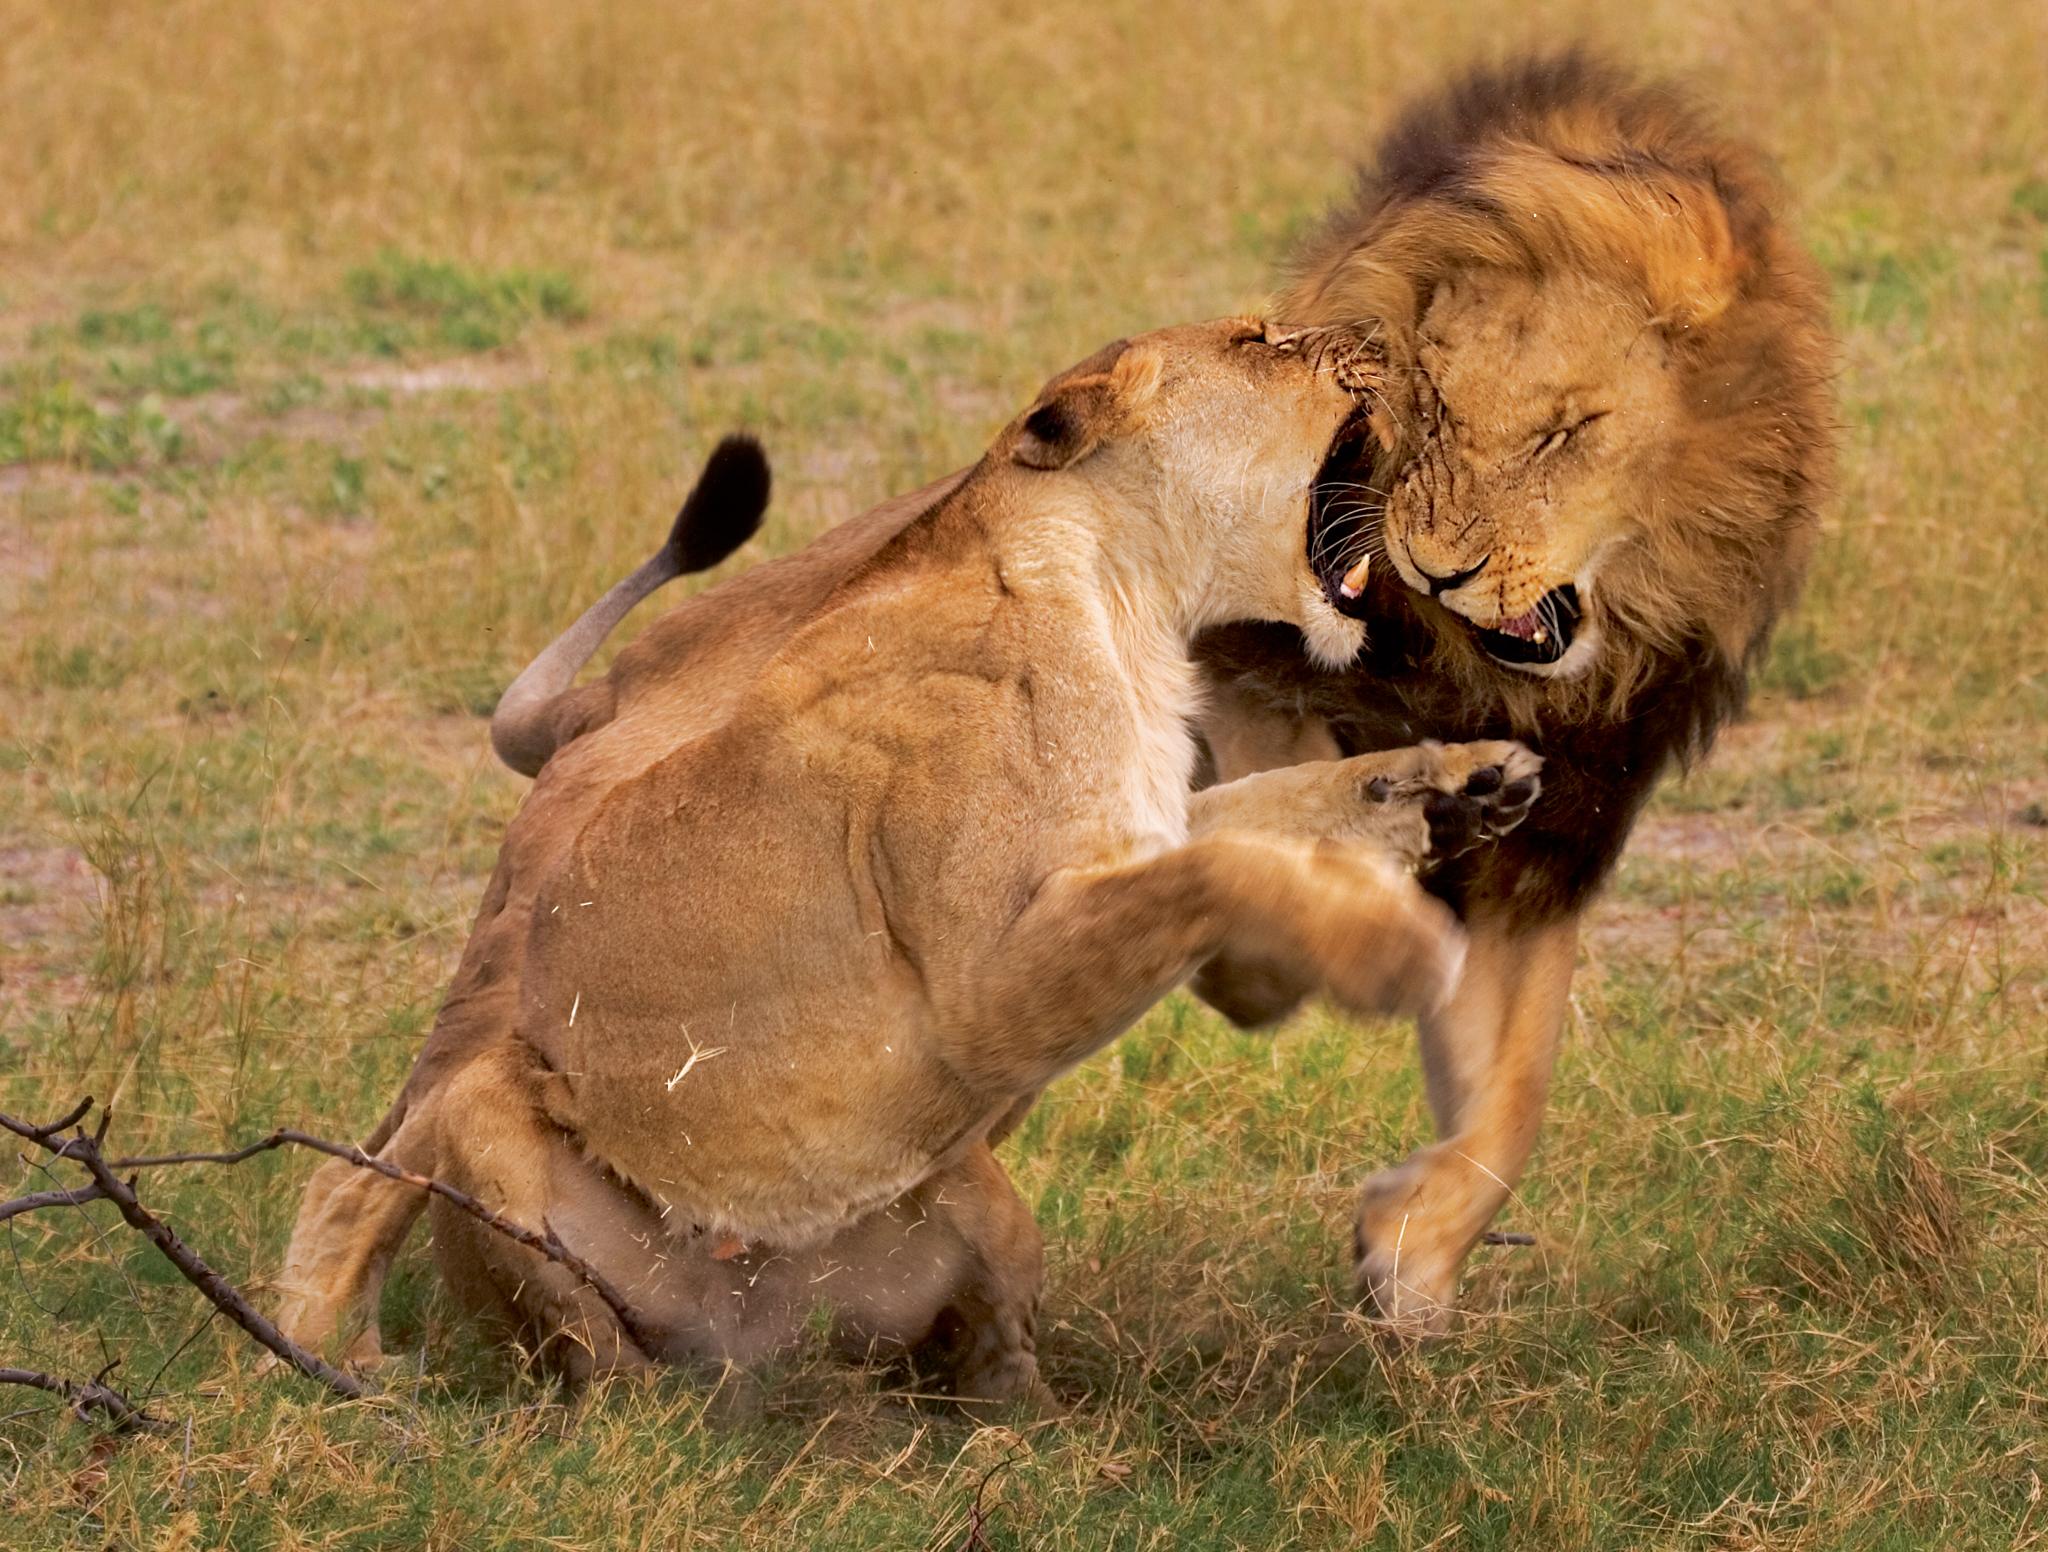 это прибор, картинка лев кусает за хвост идите